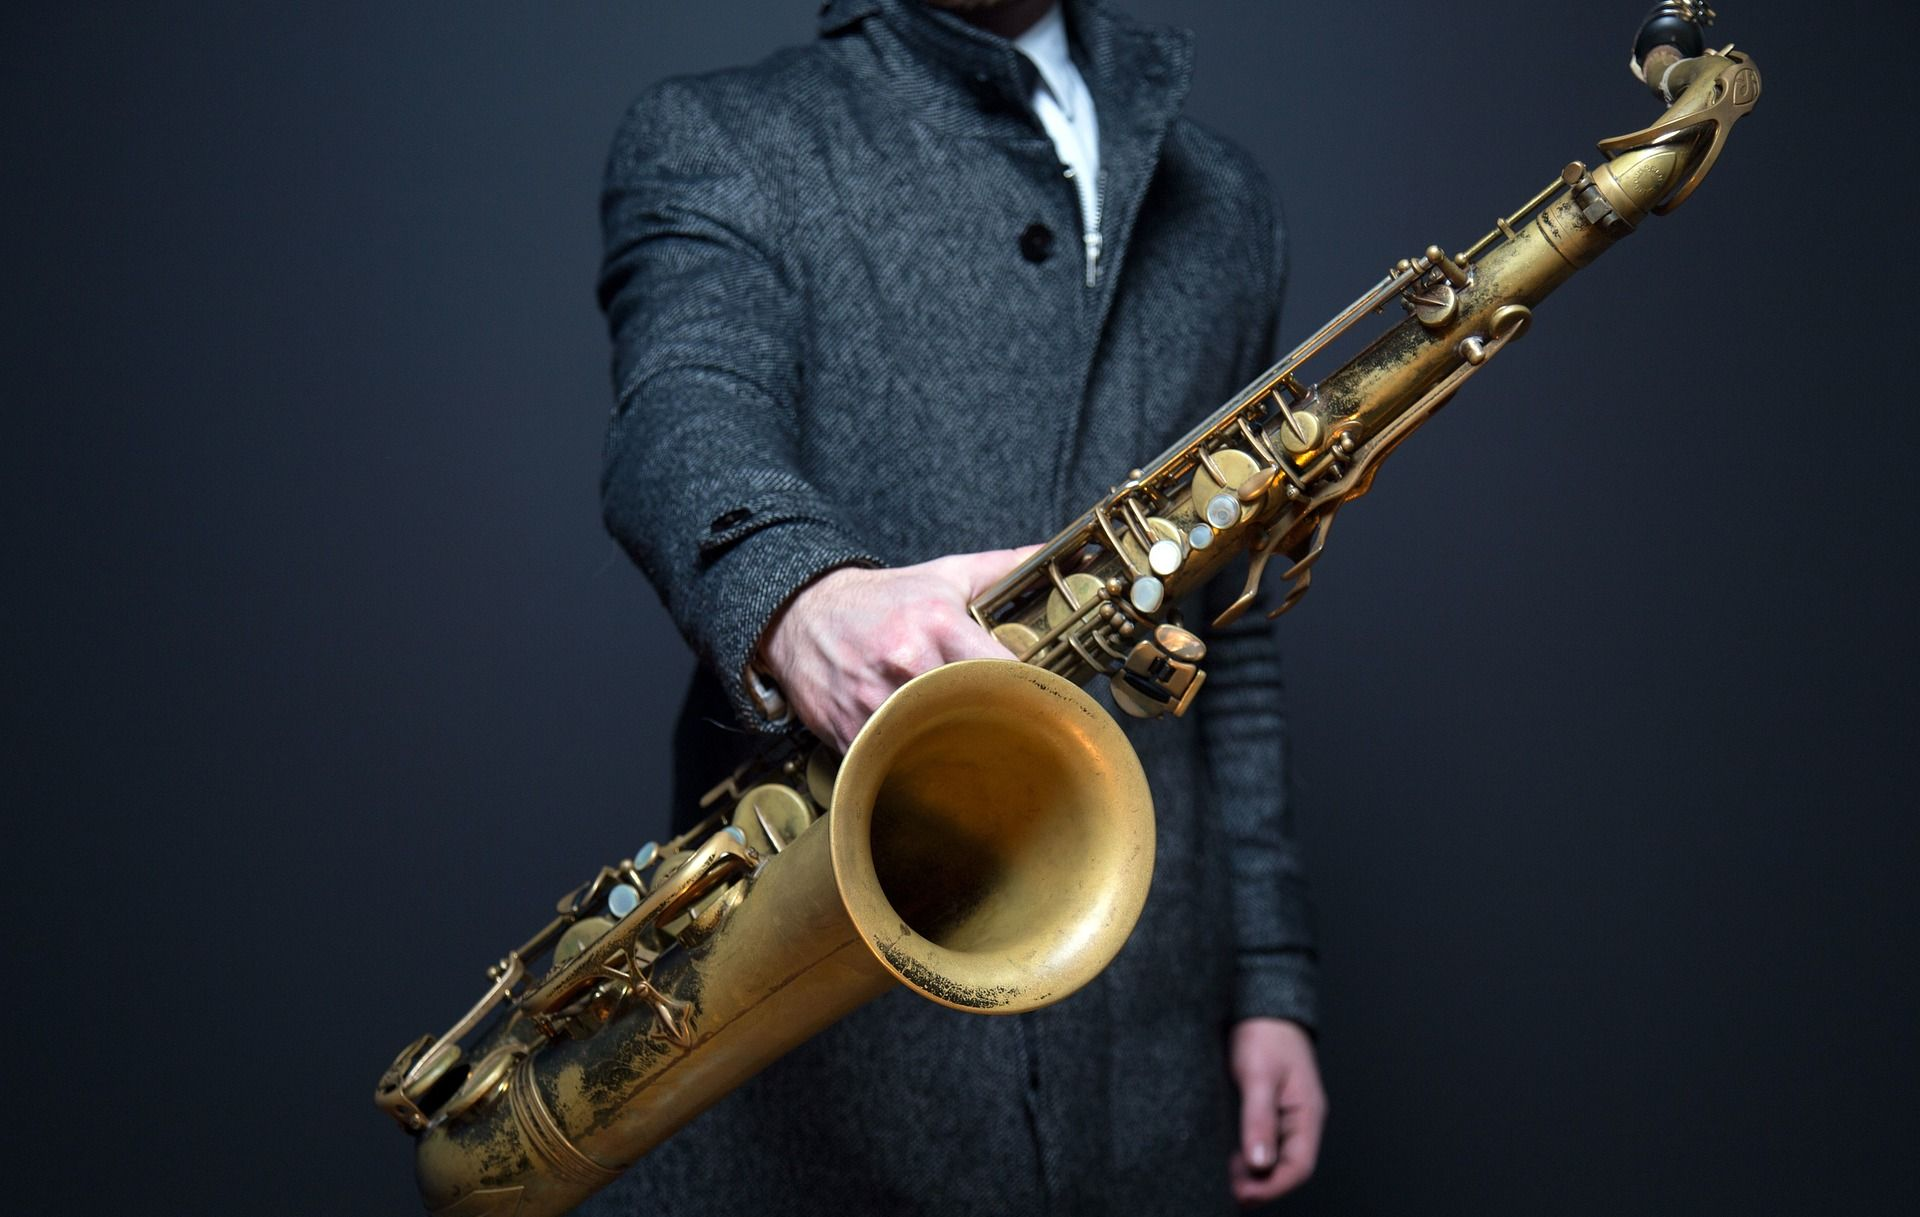 Biti jazz glazbenik u Njemačkoj znači biti siromah